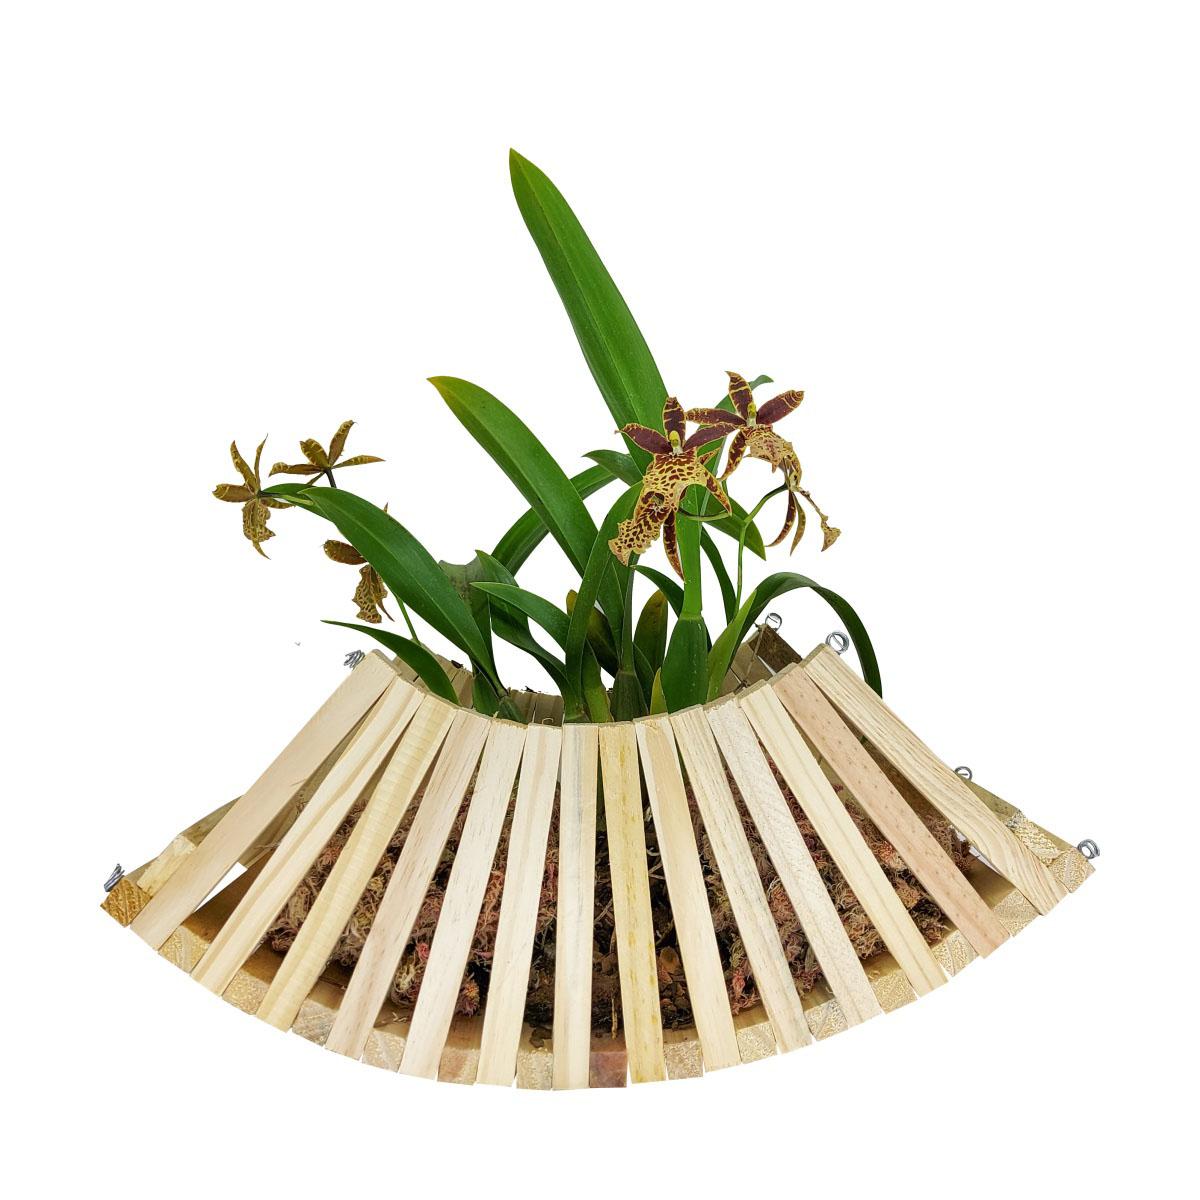 Cachepô para Orquídea Modelo Cesta 40cm x 15cm em Madeira de Pinus